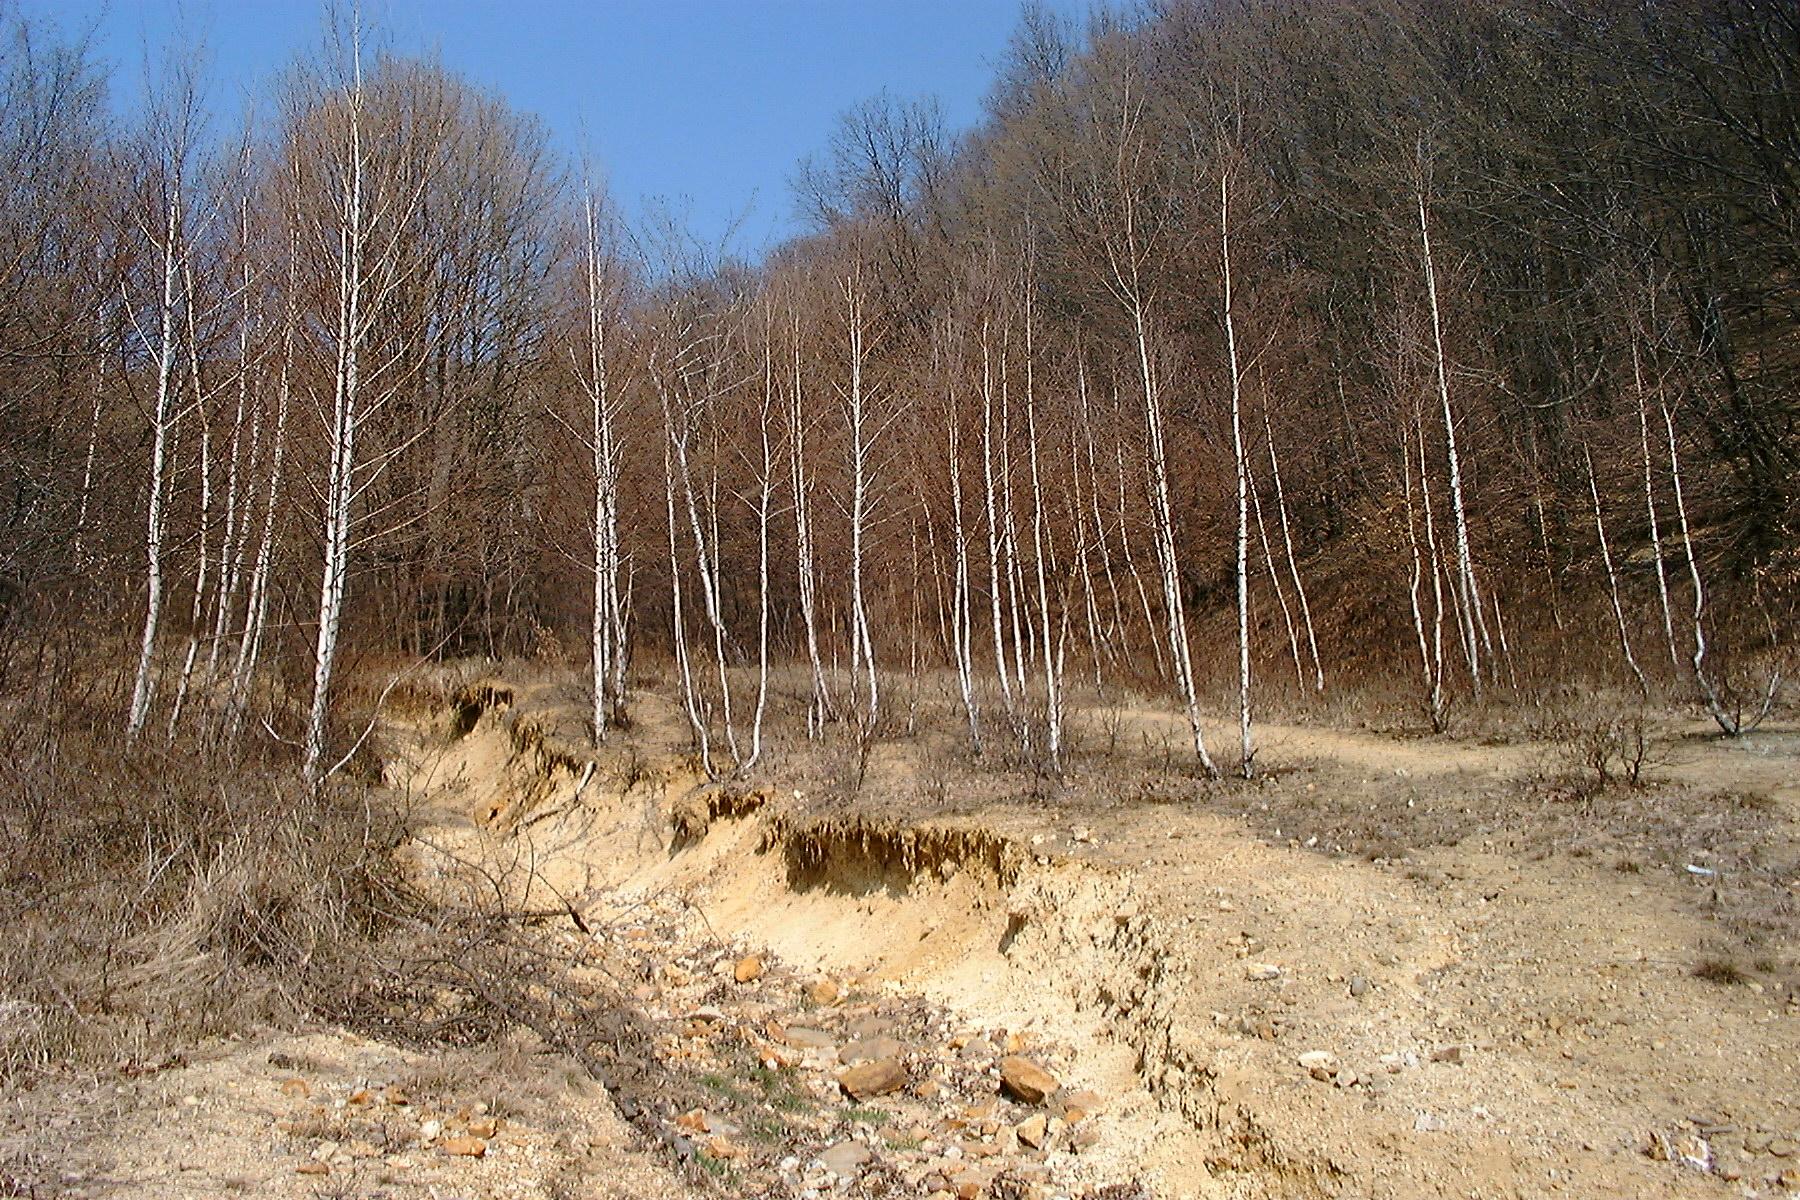 Bányászati hulladékok a Toka-patak völgyében